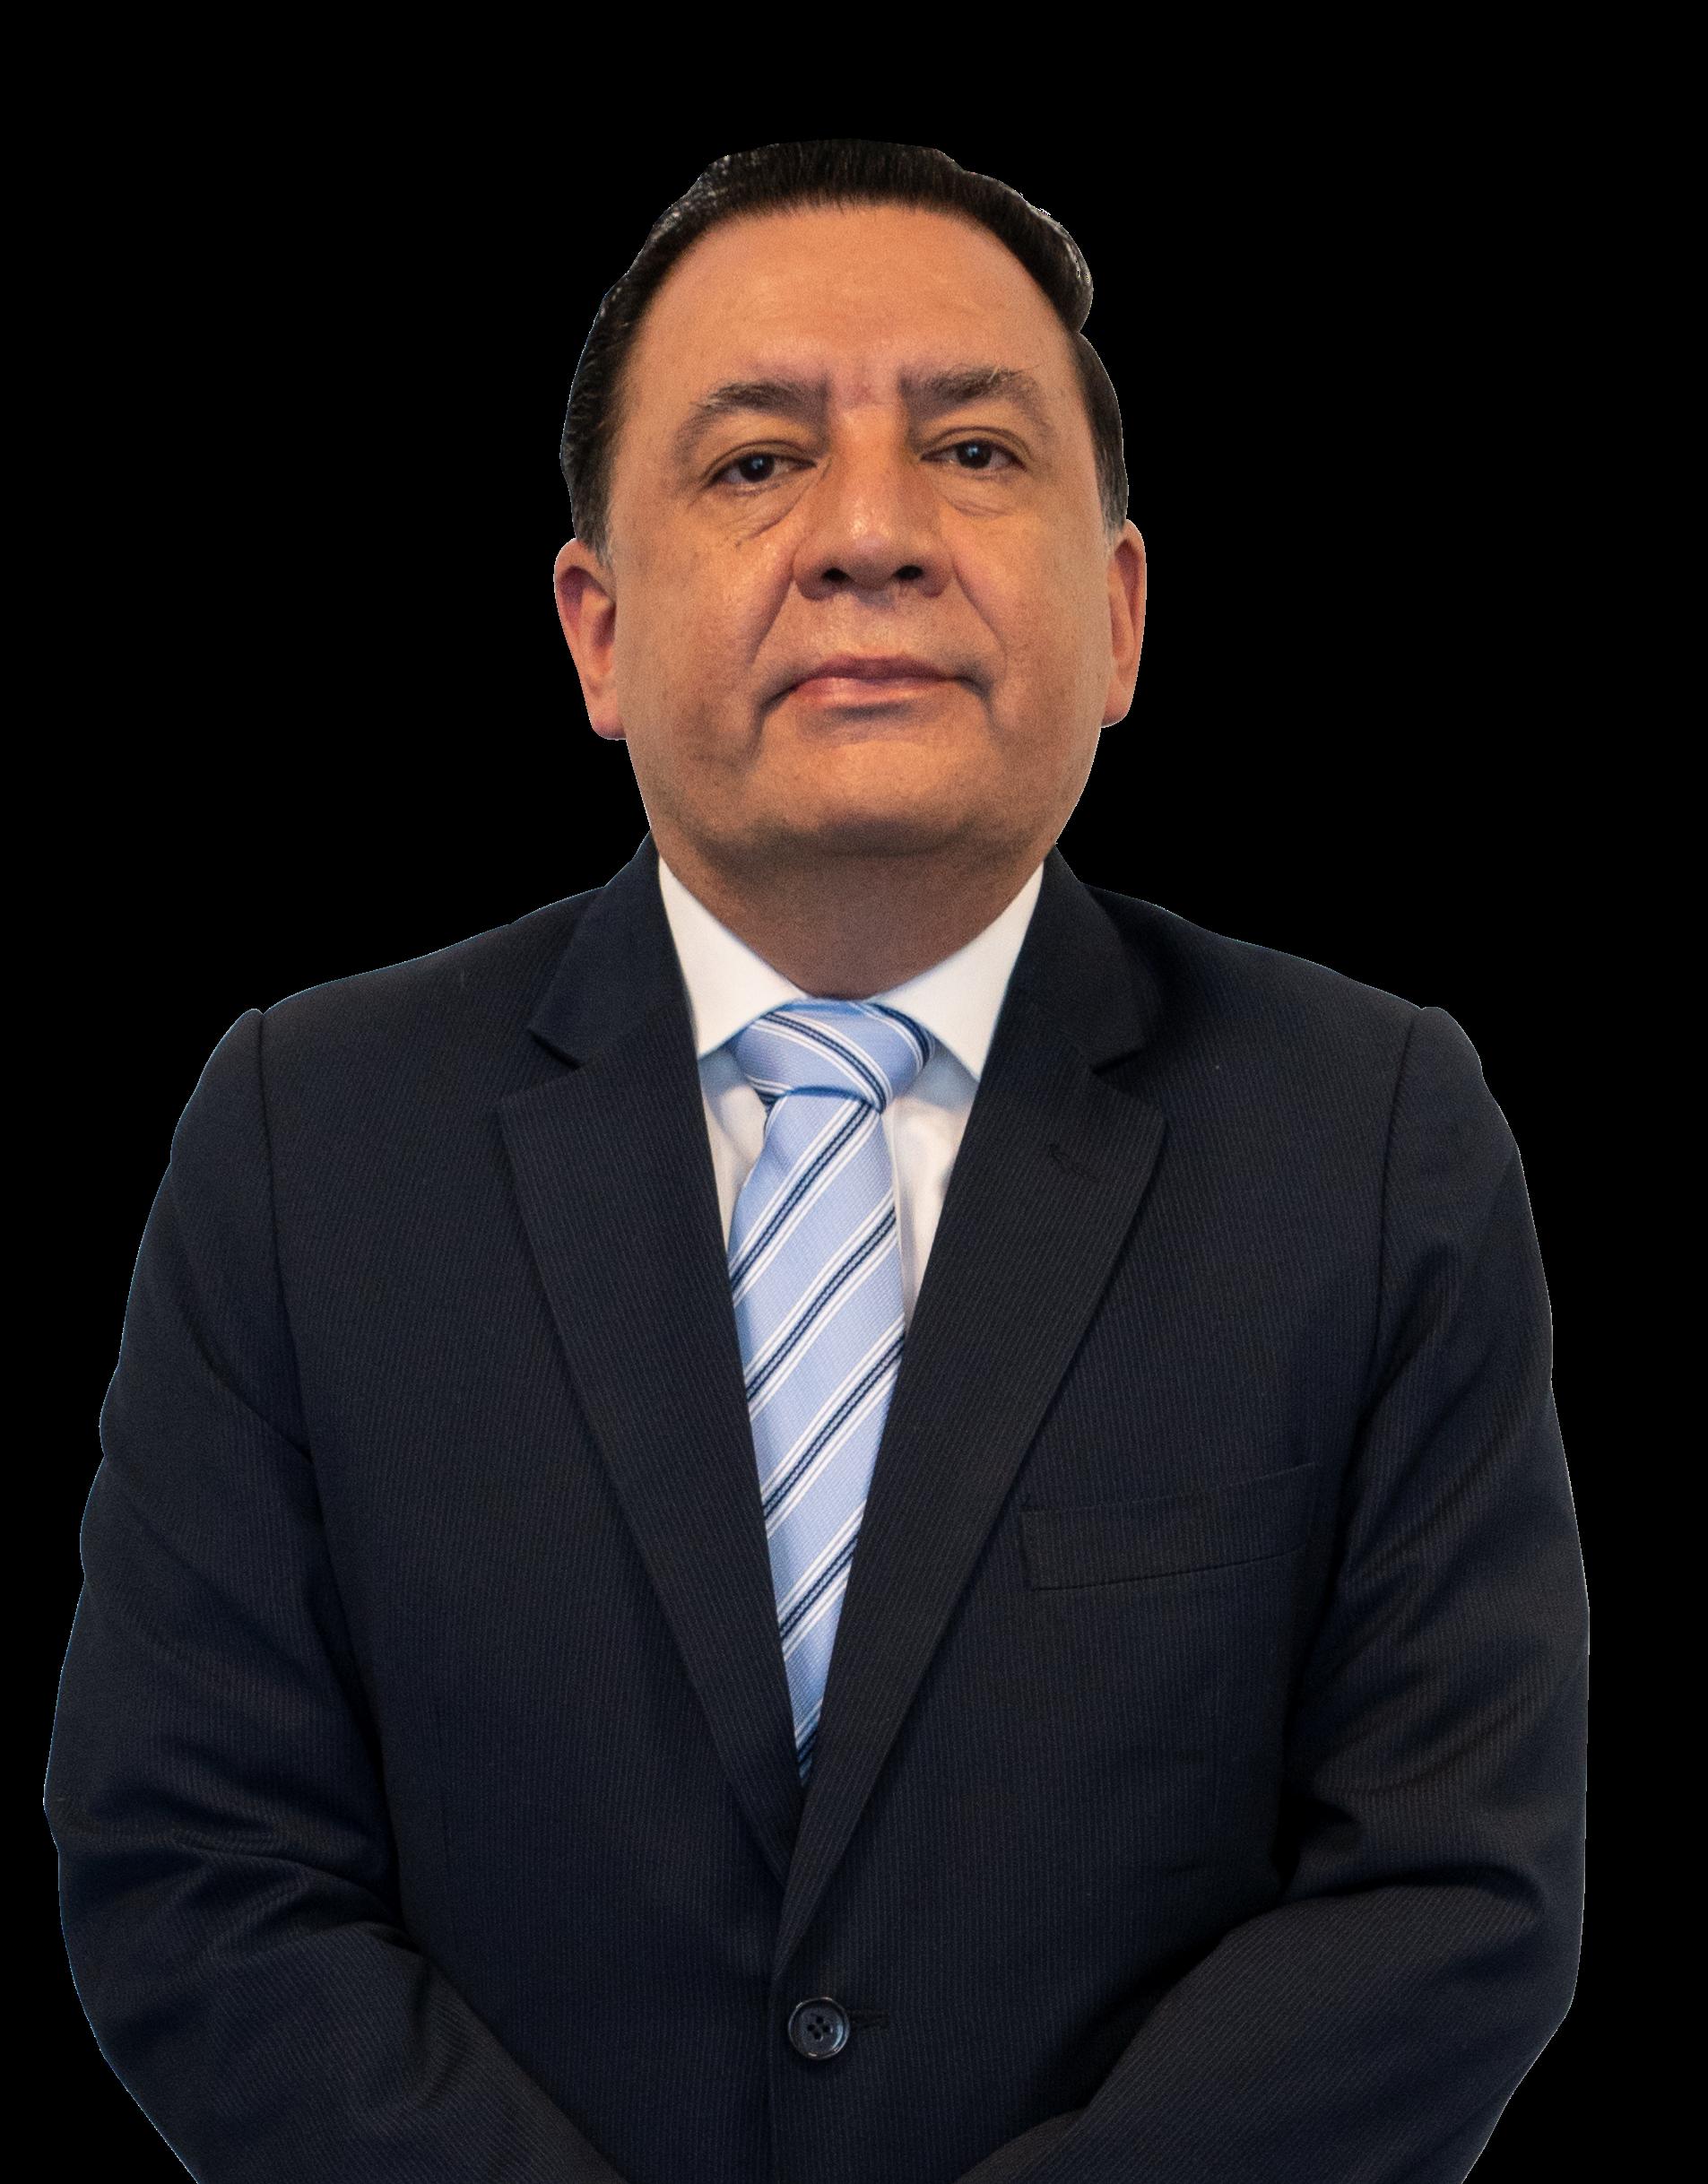 Jaime Raúl Mendoza Gacon